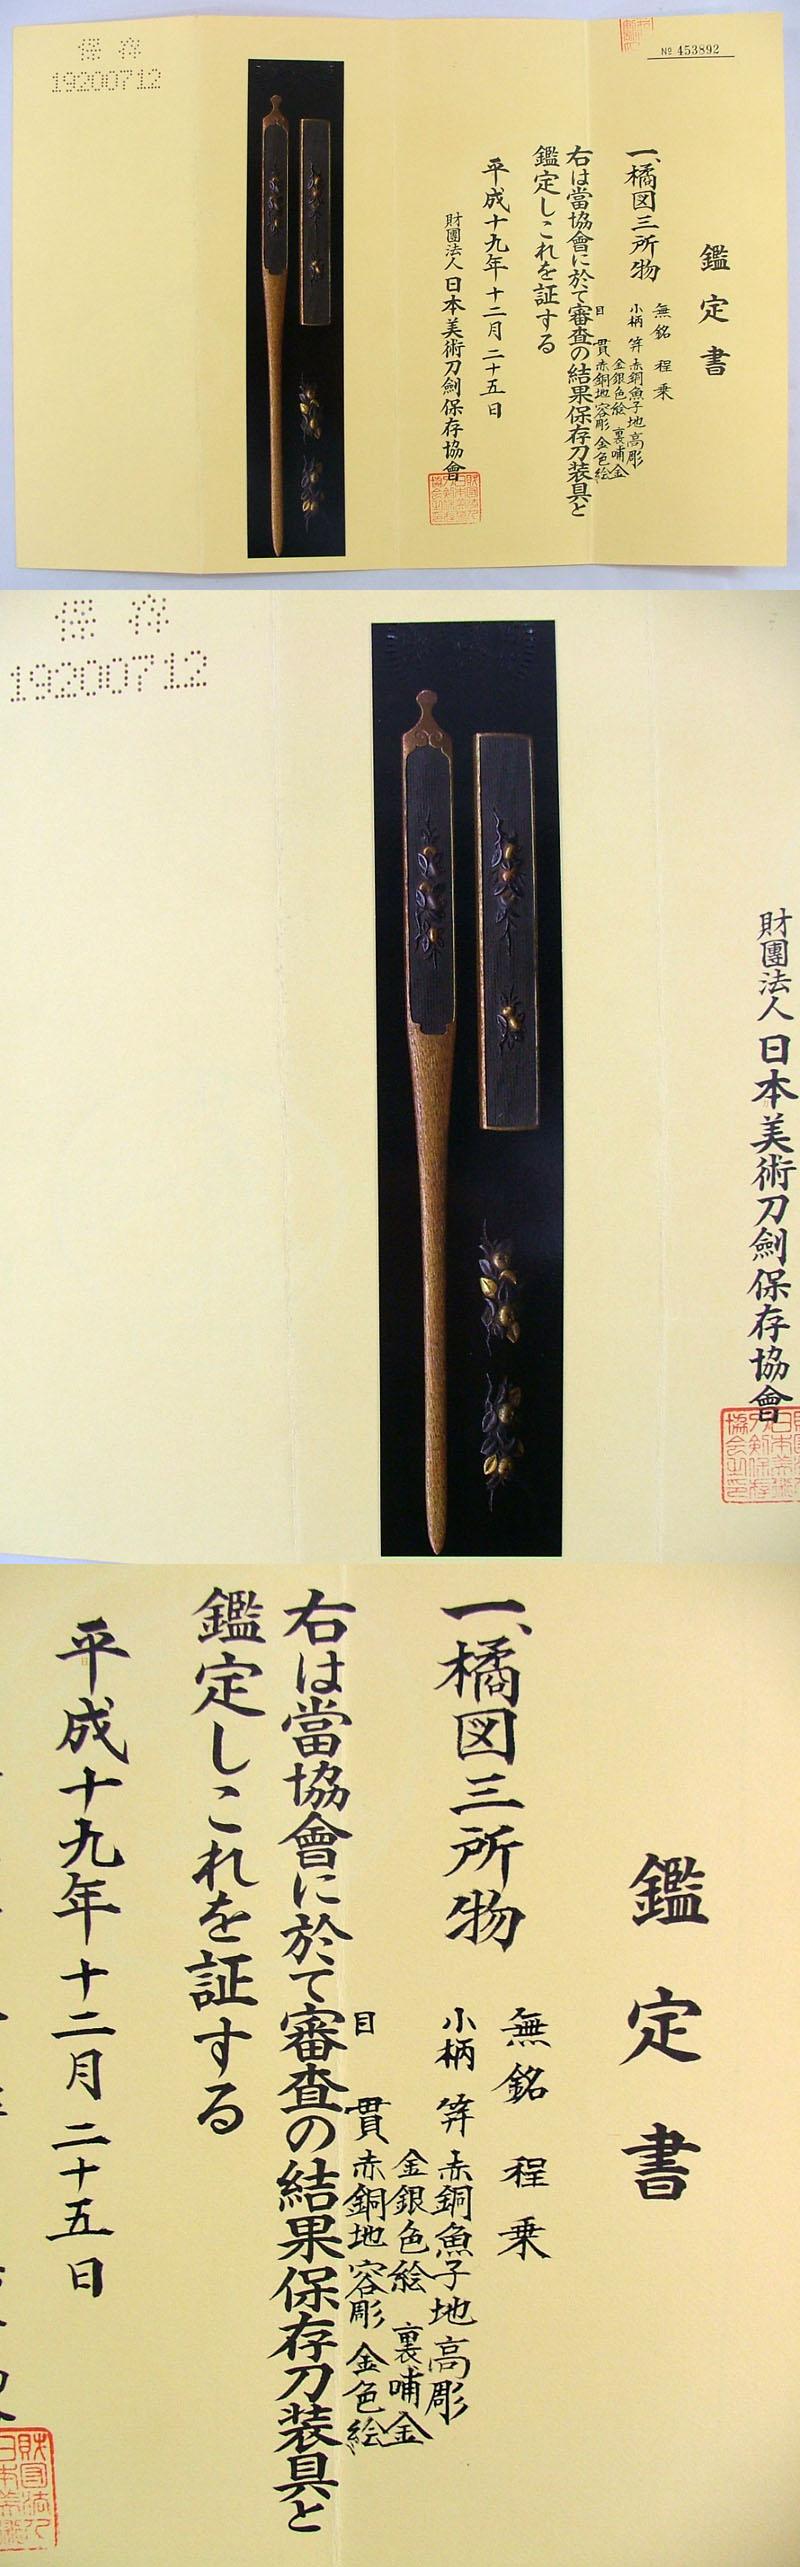 橘図三所物 無銘 程乗 (後藤程乗) (九代)鑑定書画像